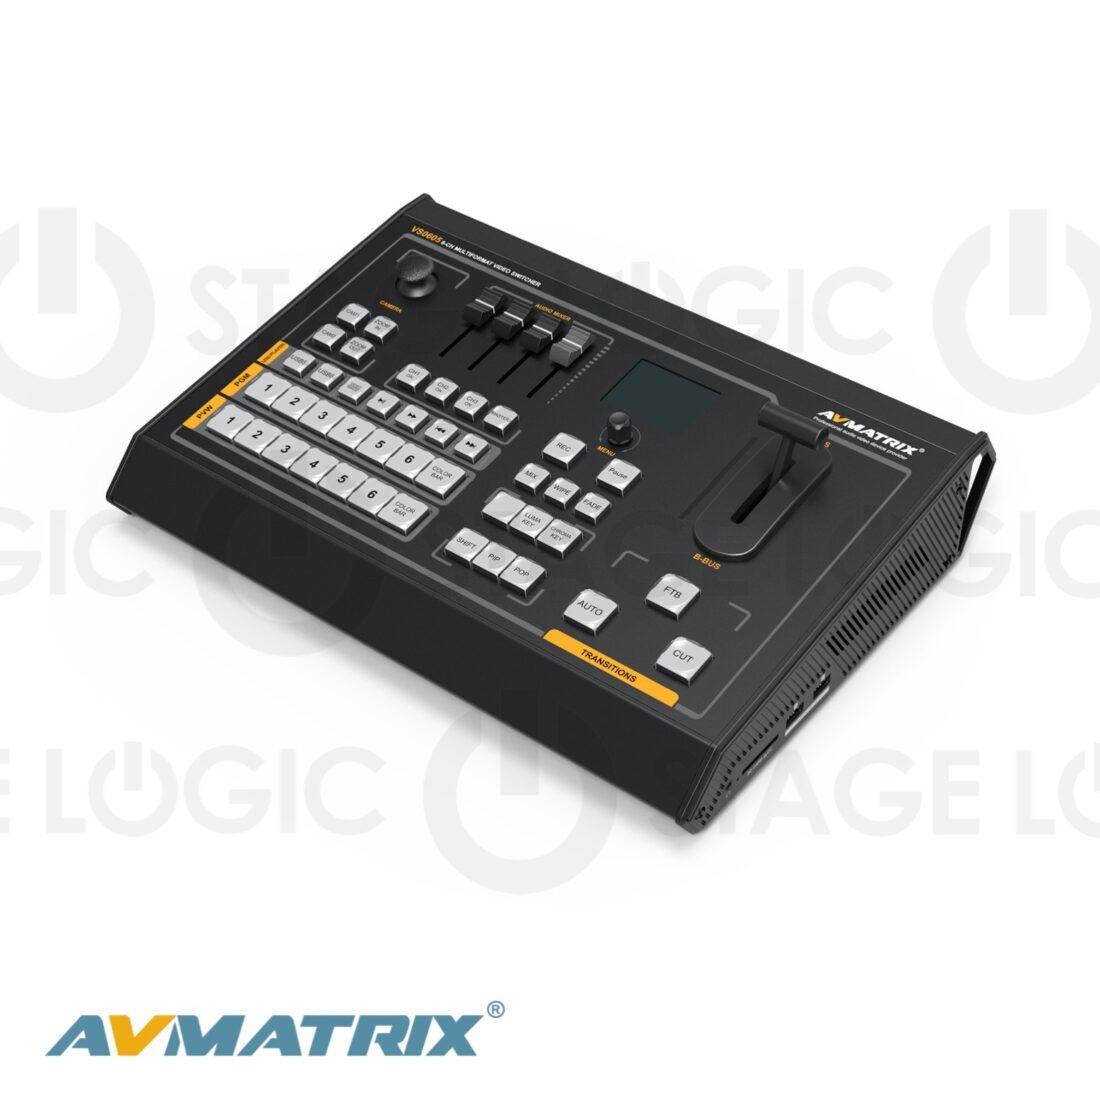 AVMATRIX VS0605U main